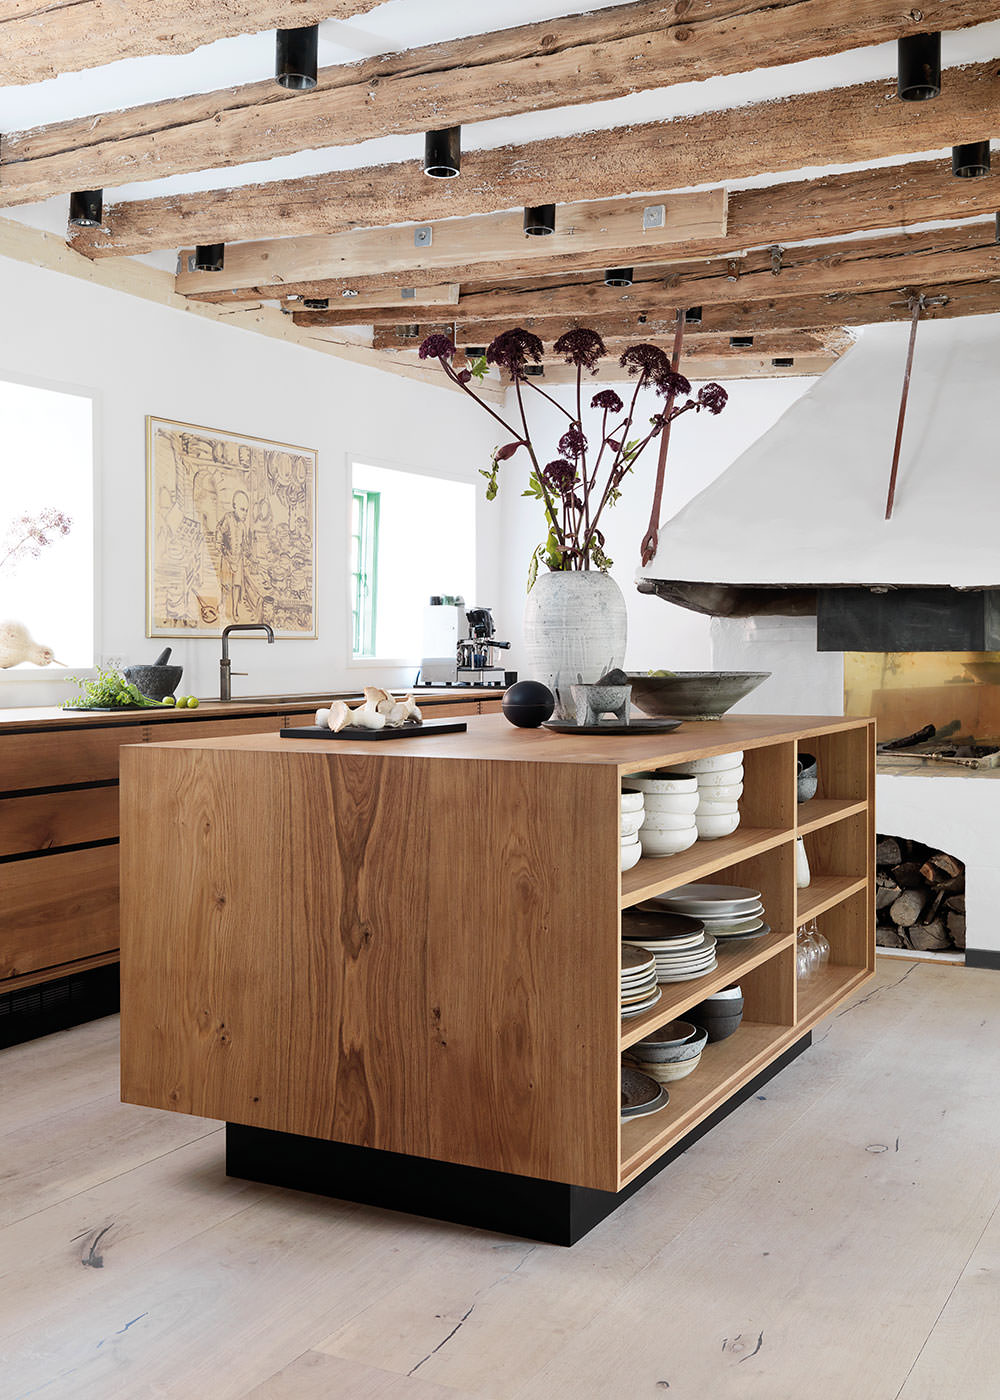 déco intérieure bois naturel cuisine ouverte rustique raffinée sophistiquée